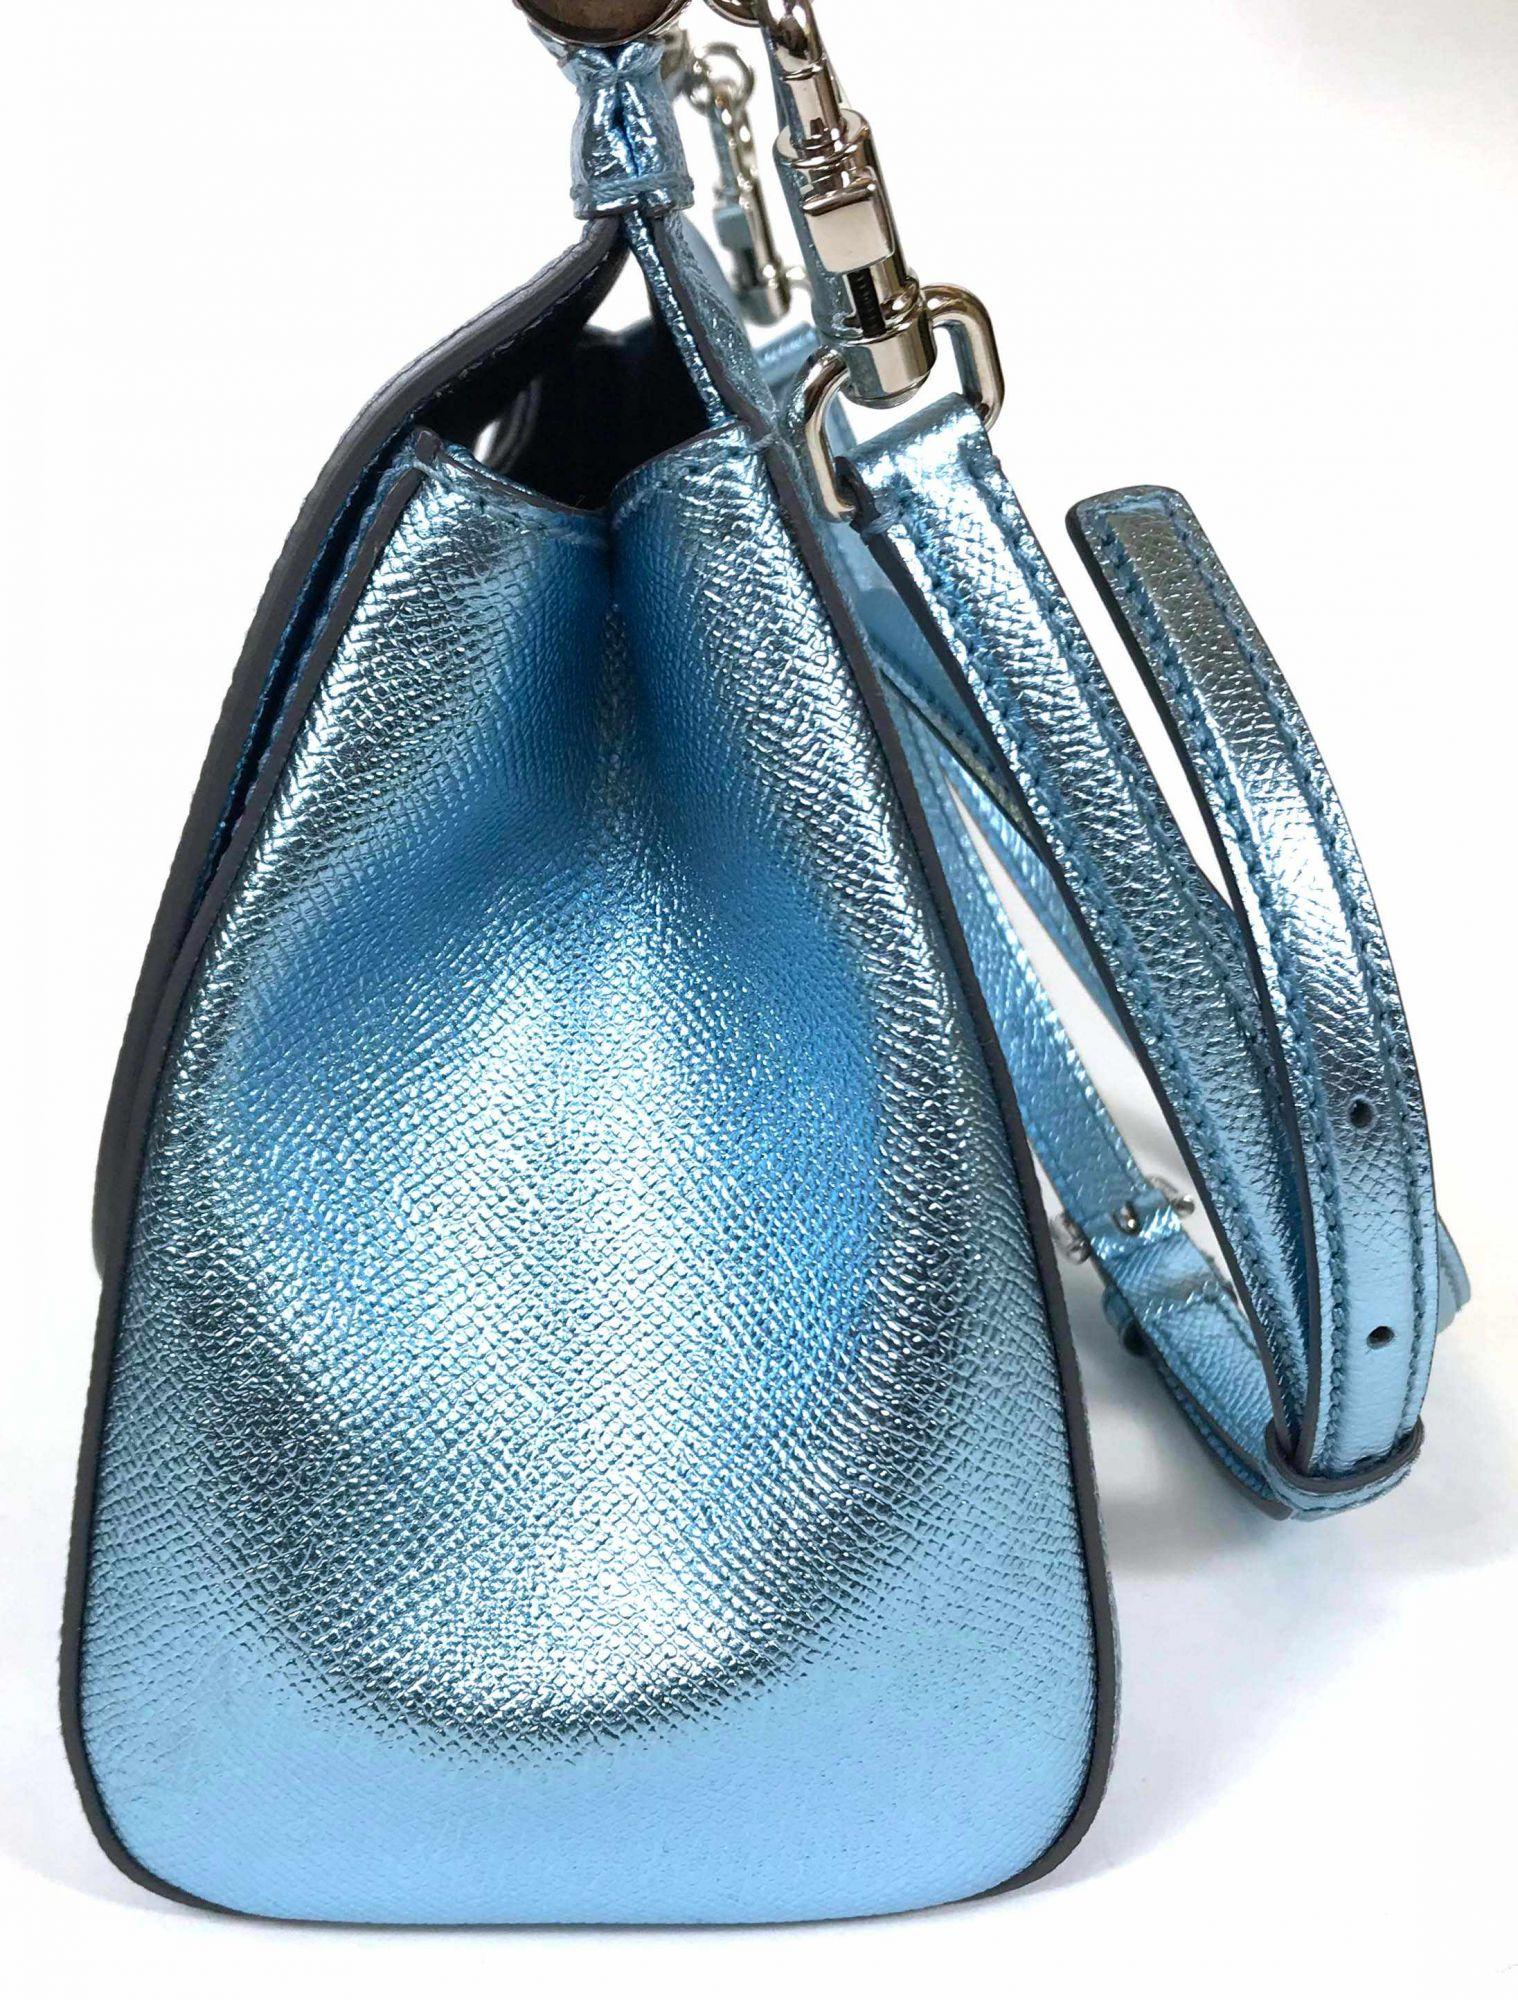 Miss Sicily Leather Shoulder Bag